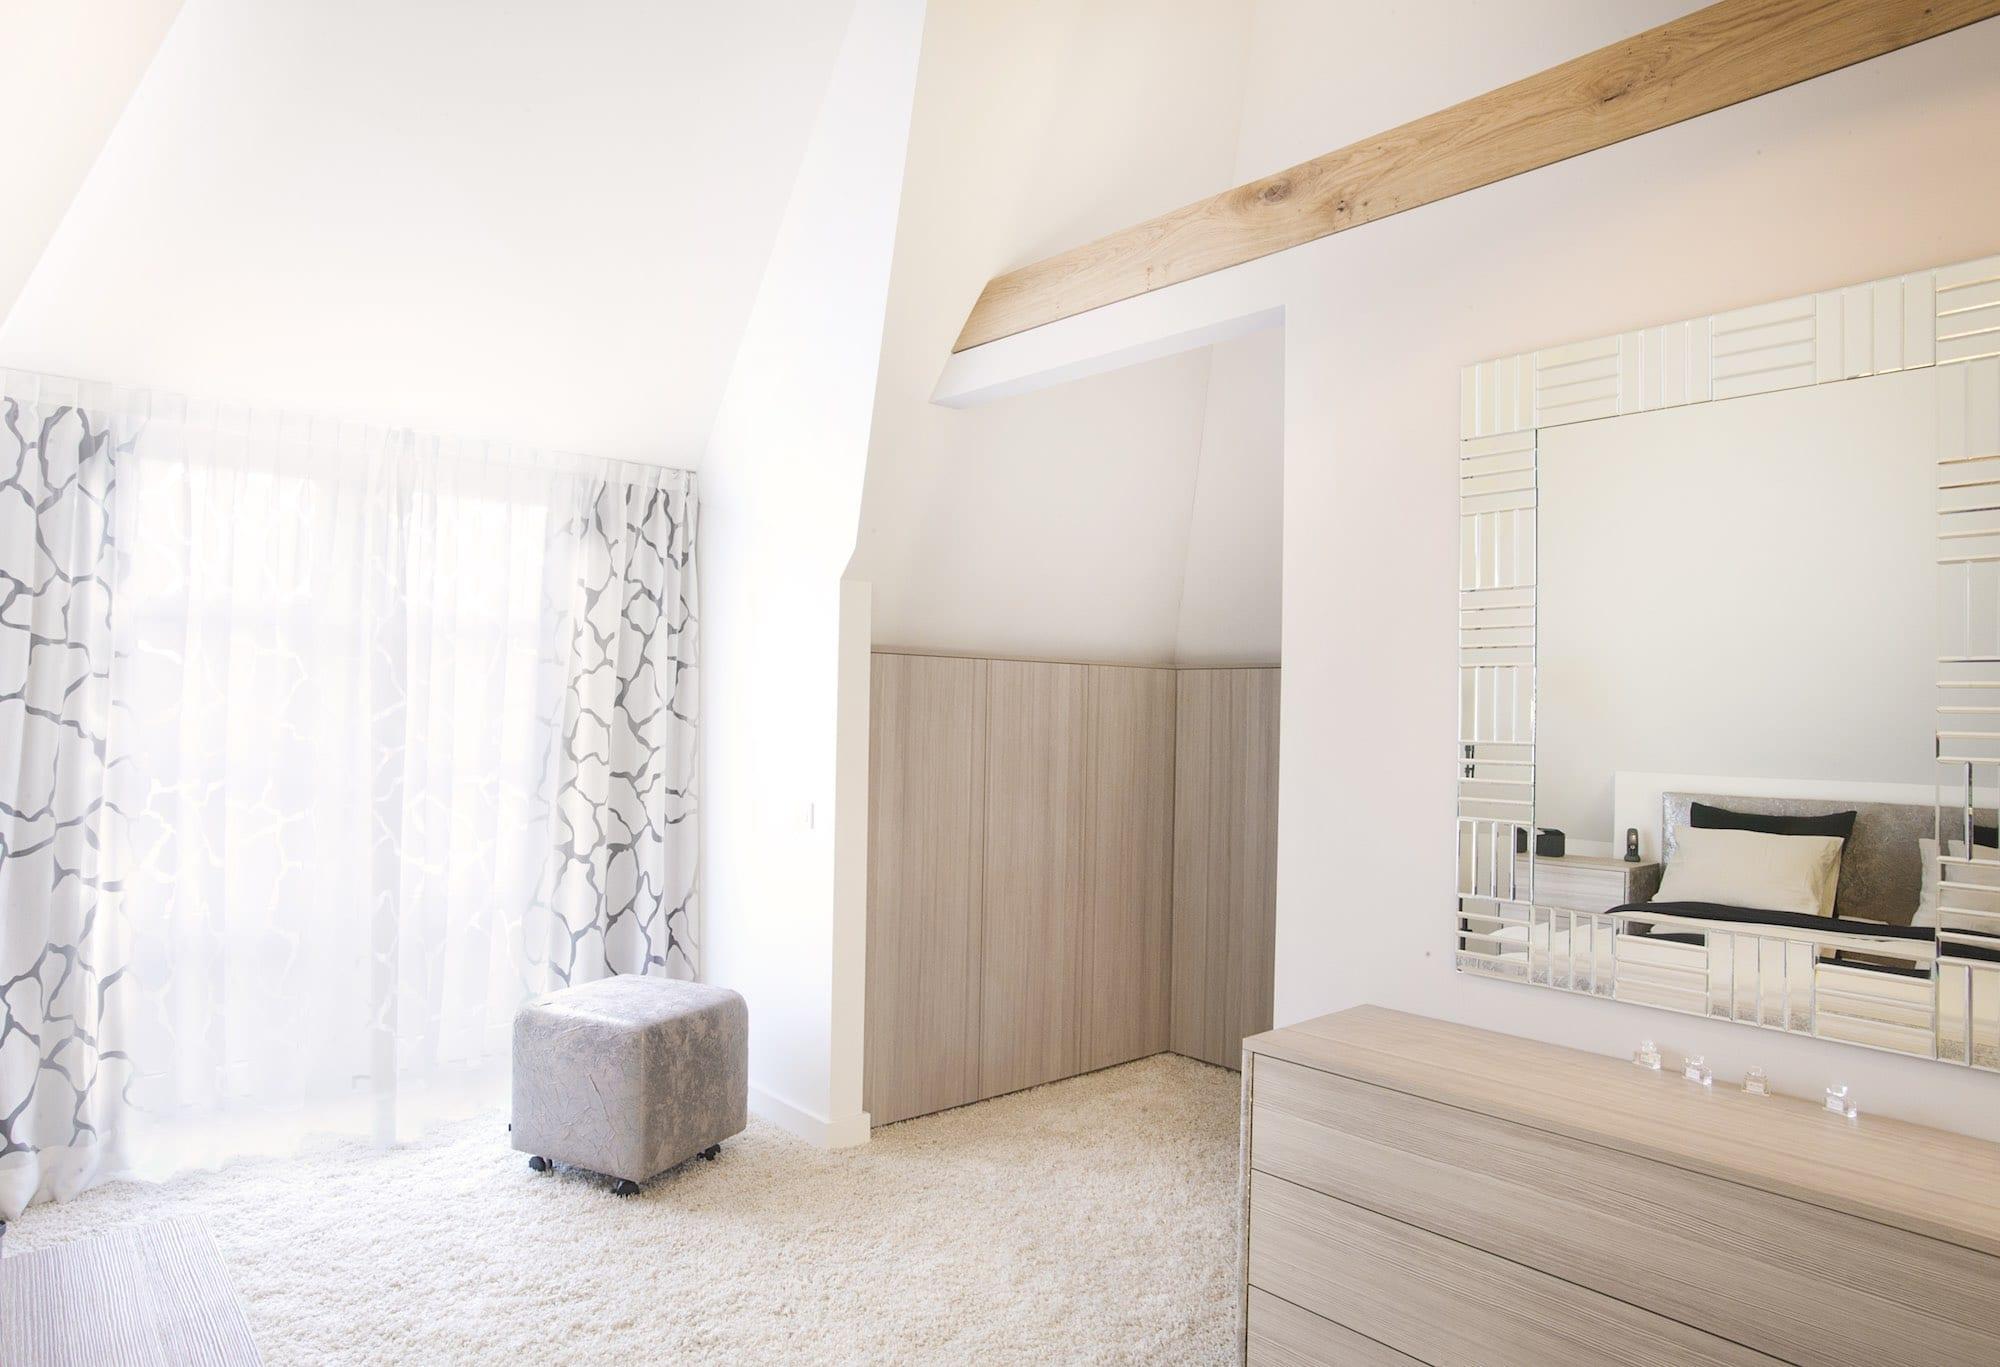 slaapkamer onder schuin dak